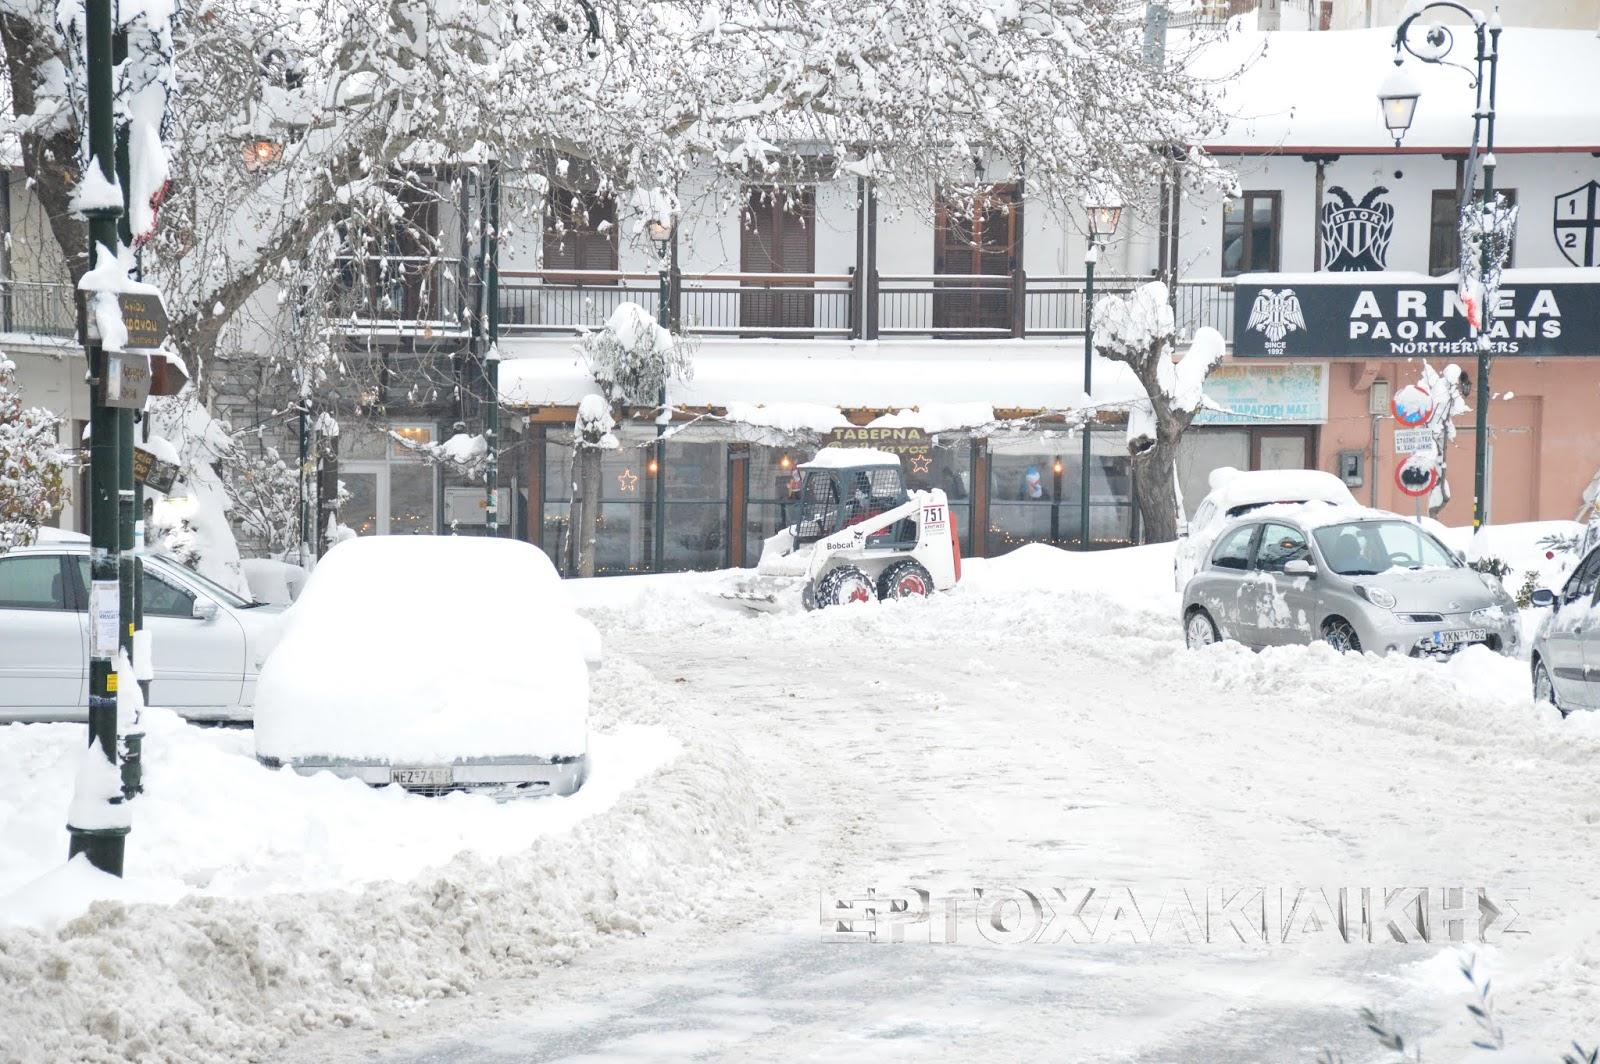 Κακοκαιρία προβλέπεται από αύριο. Κύρια χαρακτηριστικά οι πυκνές χιονοπτώσεις και οι δυνατοί άνεμοι.